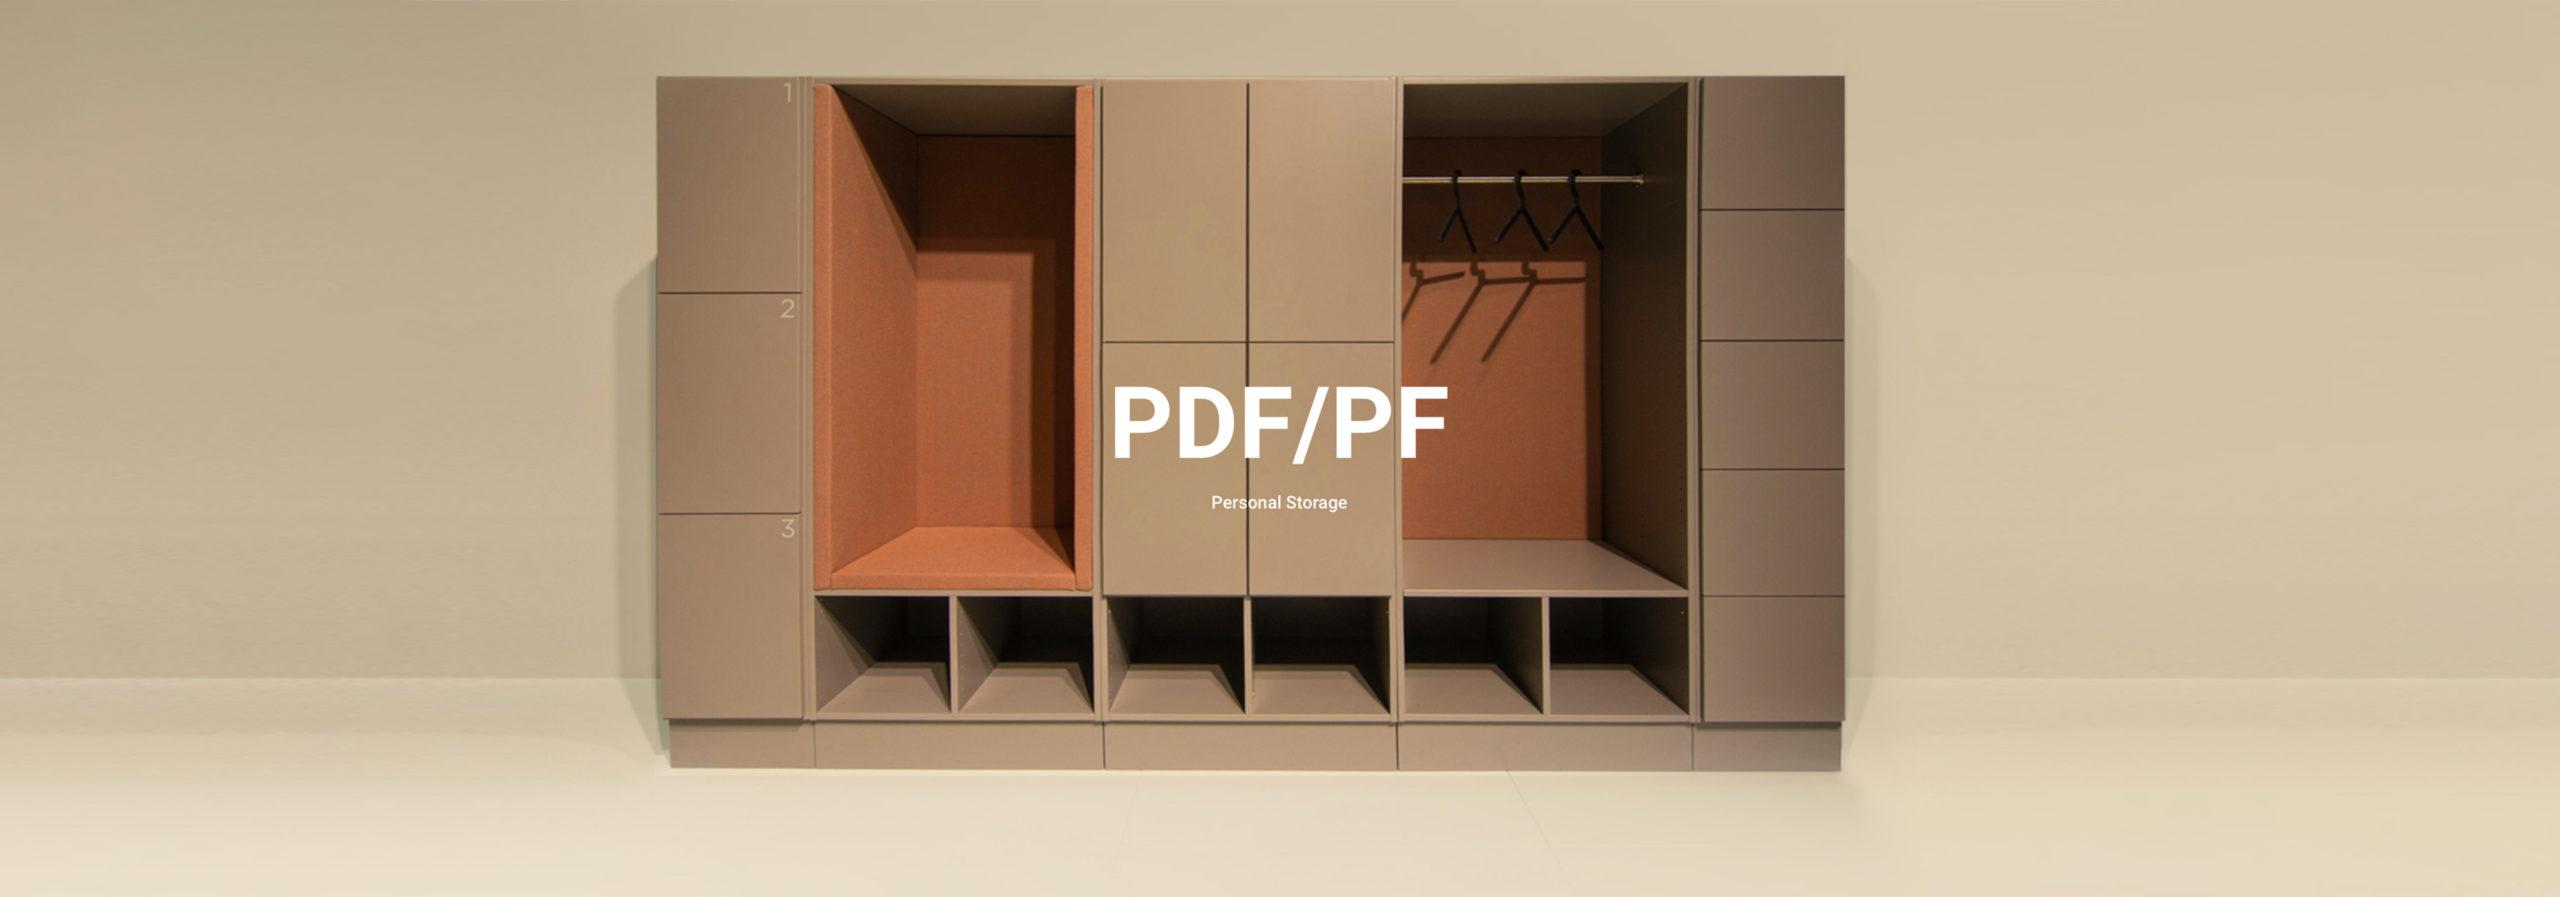 PDF_PF_SLIDE_03